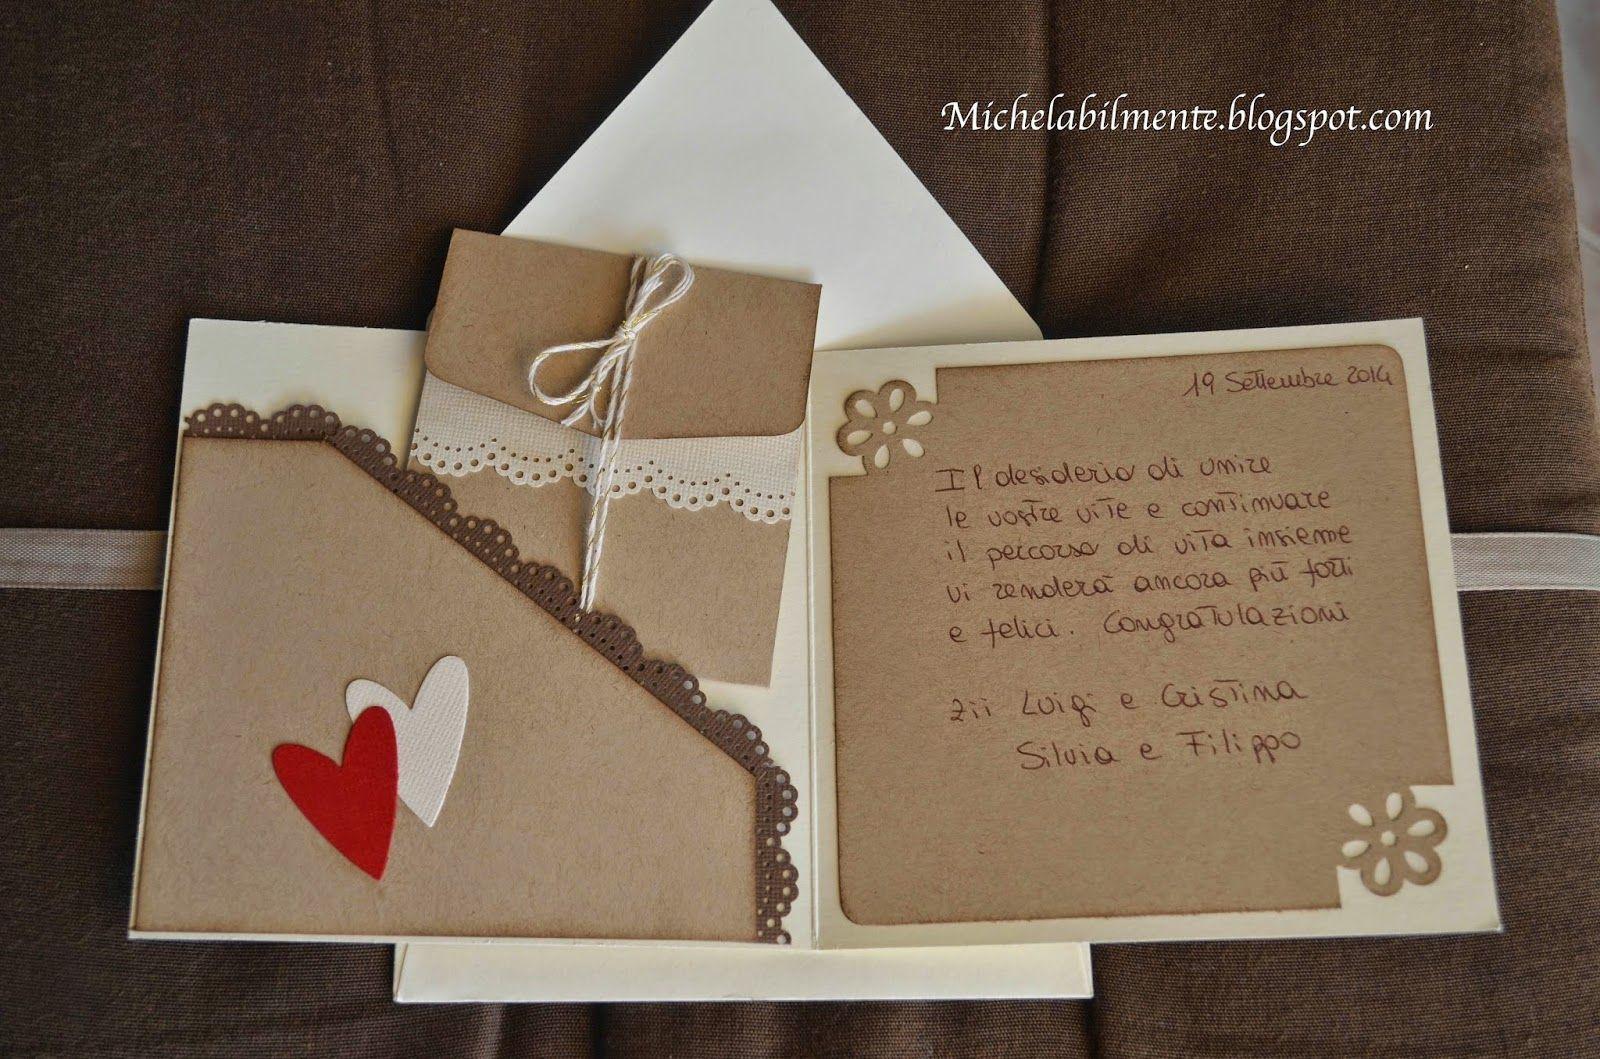 Auguri Matrimonio Busta : Michelabilmente biglietto portasoldi matrimonio cards